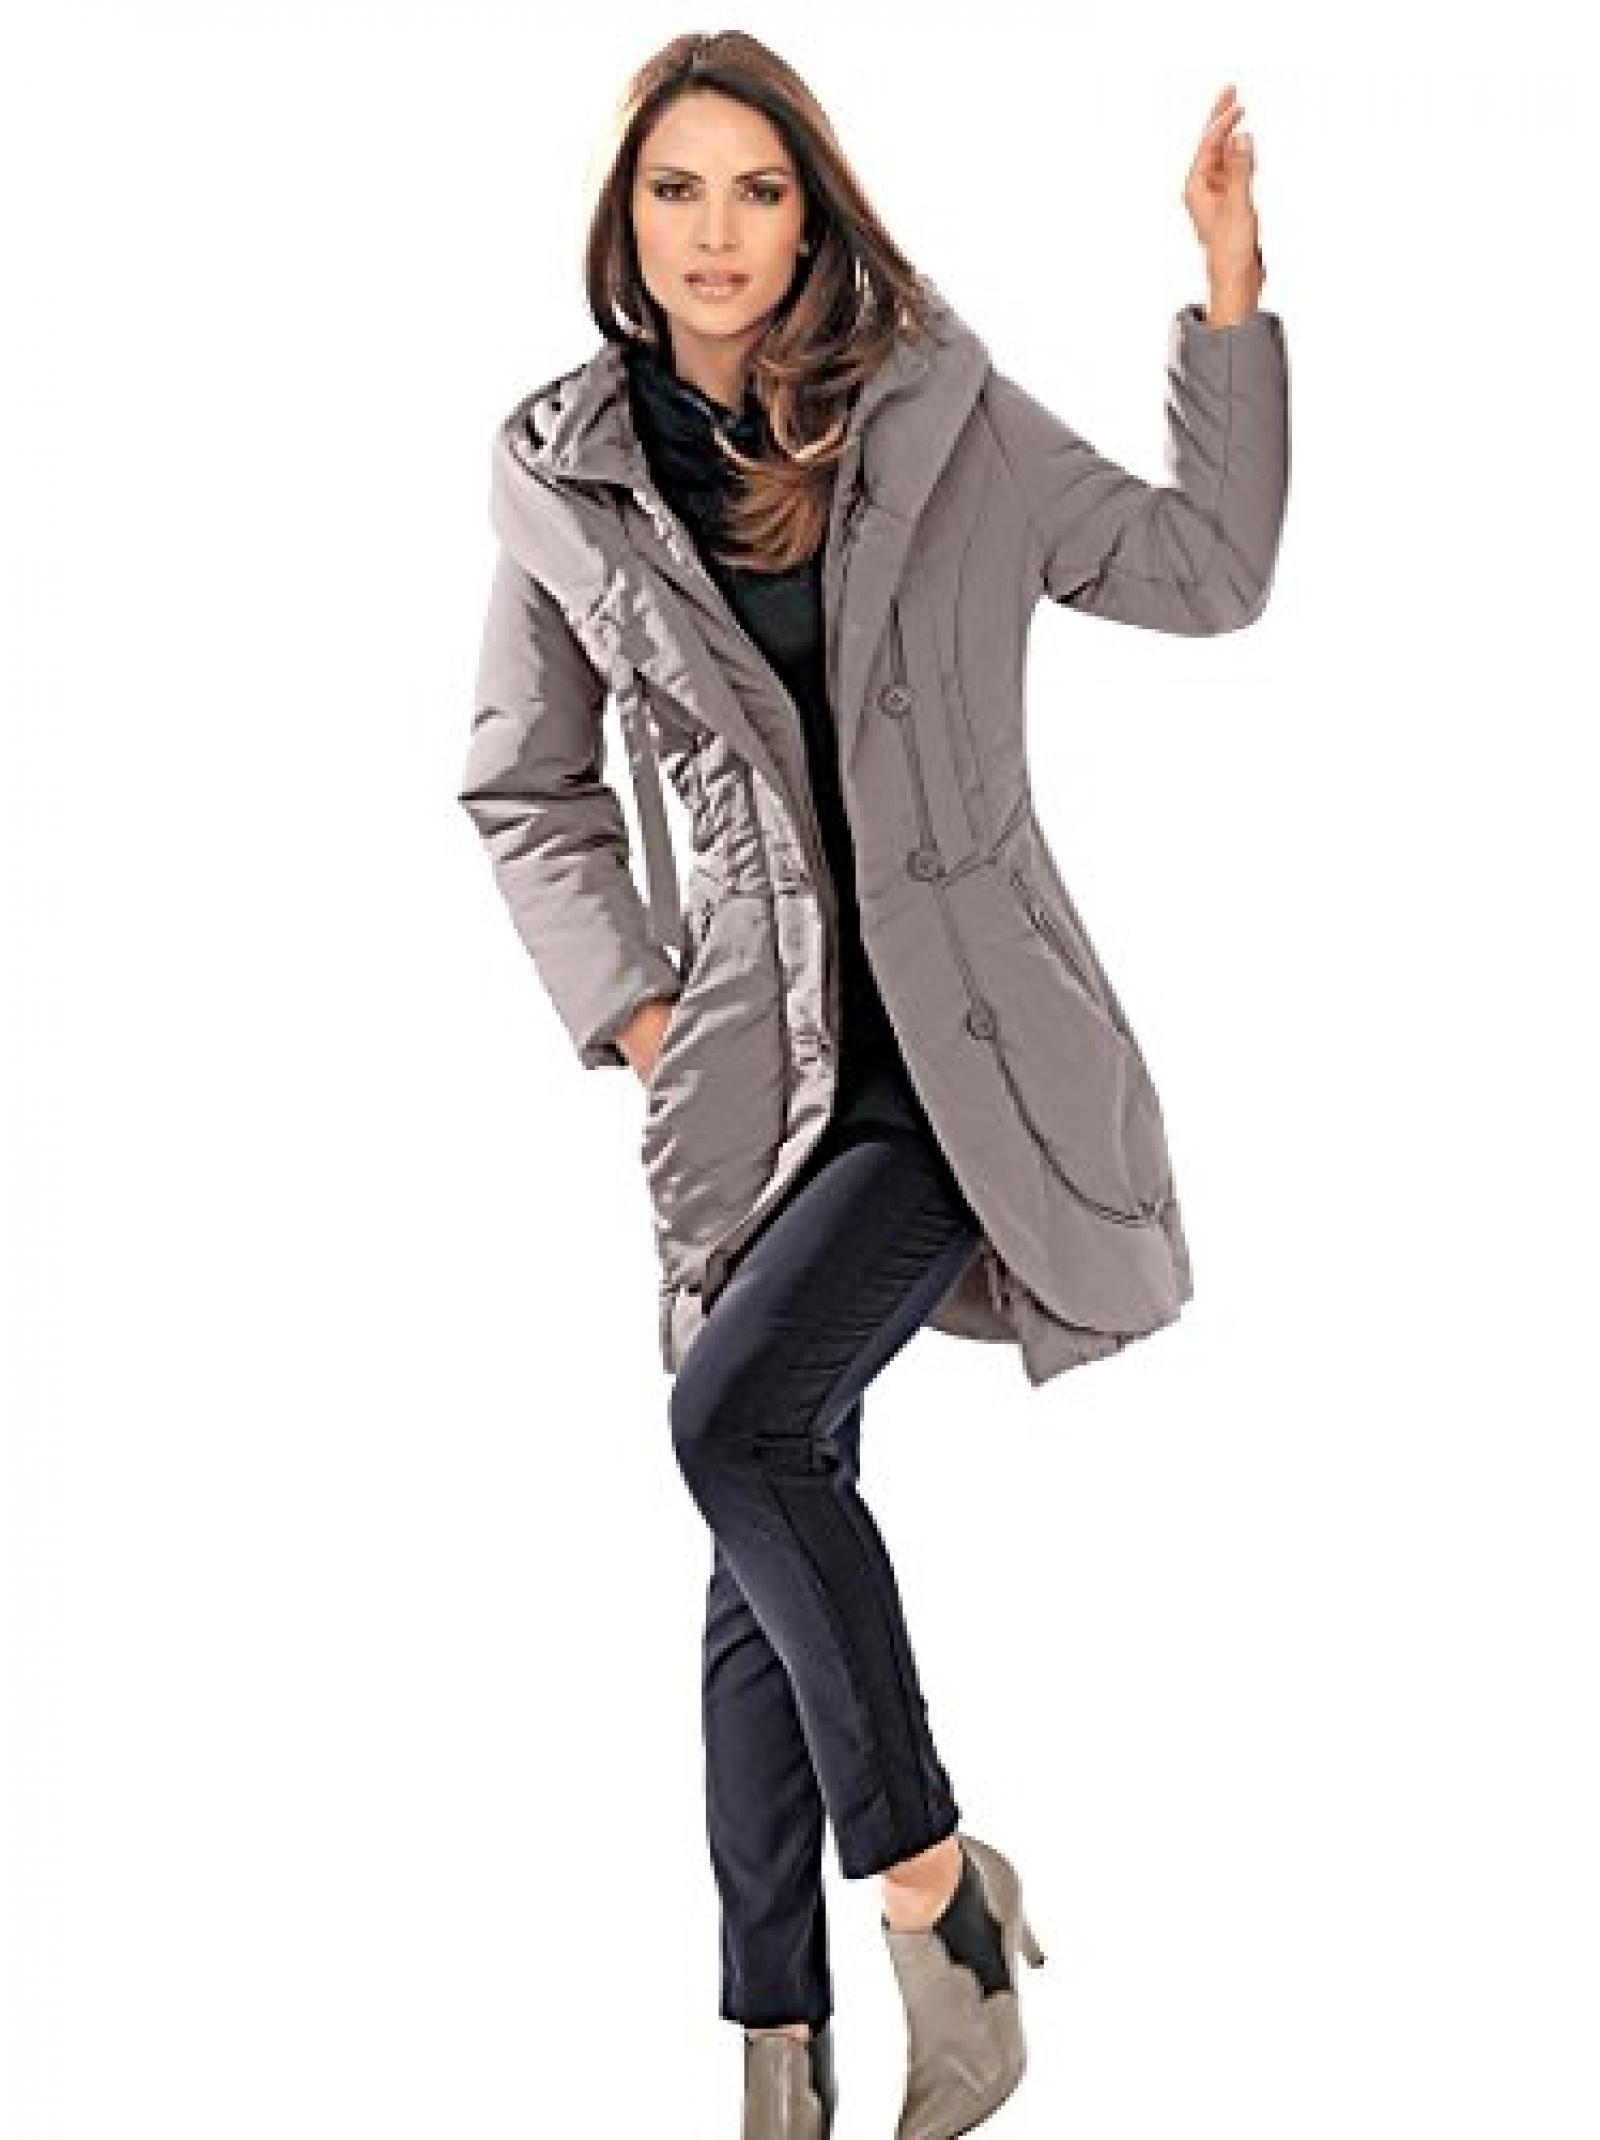 Damen-Jacke - taupe - Witt Weiden - 314502